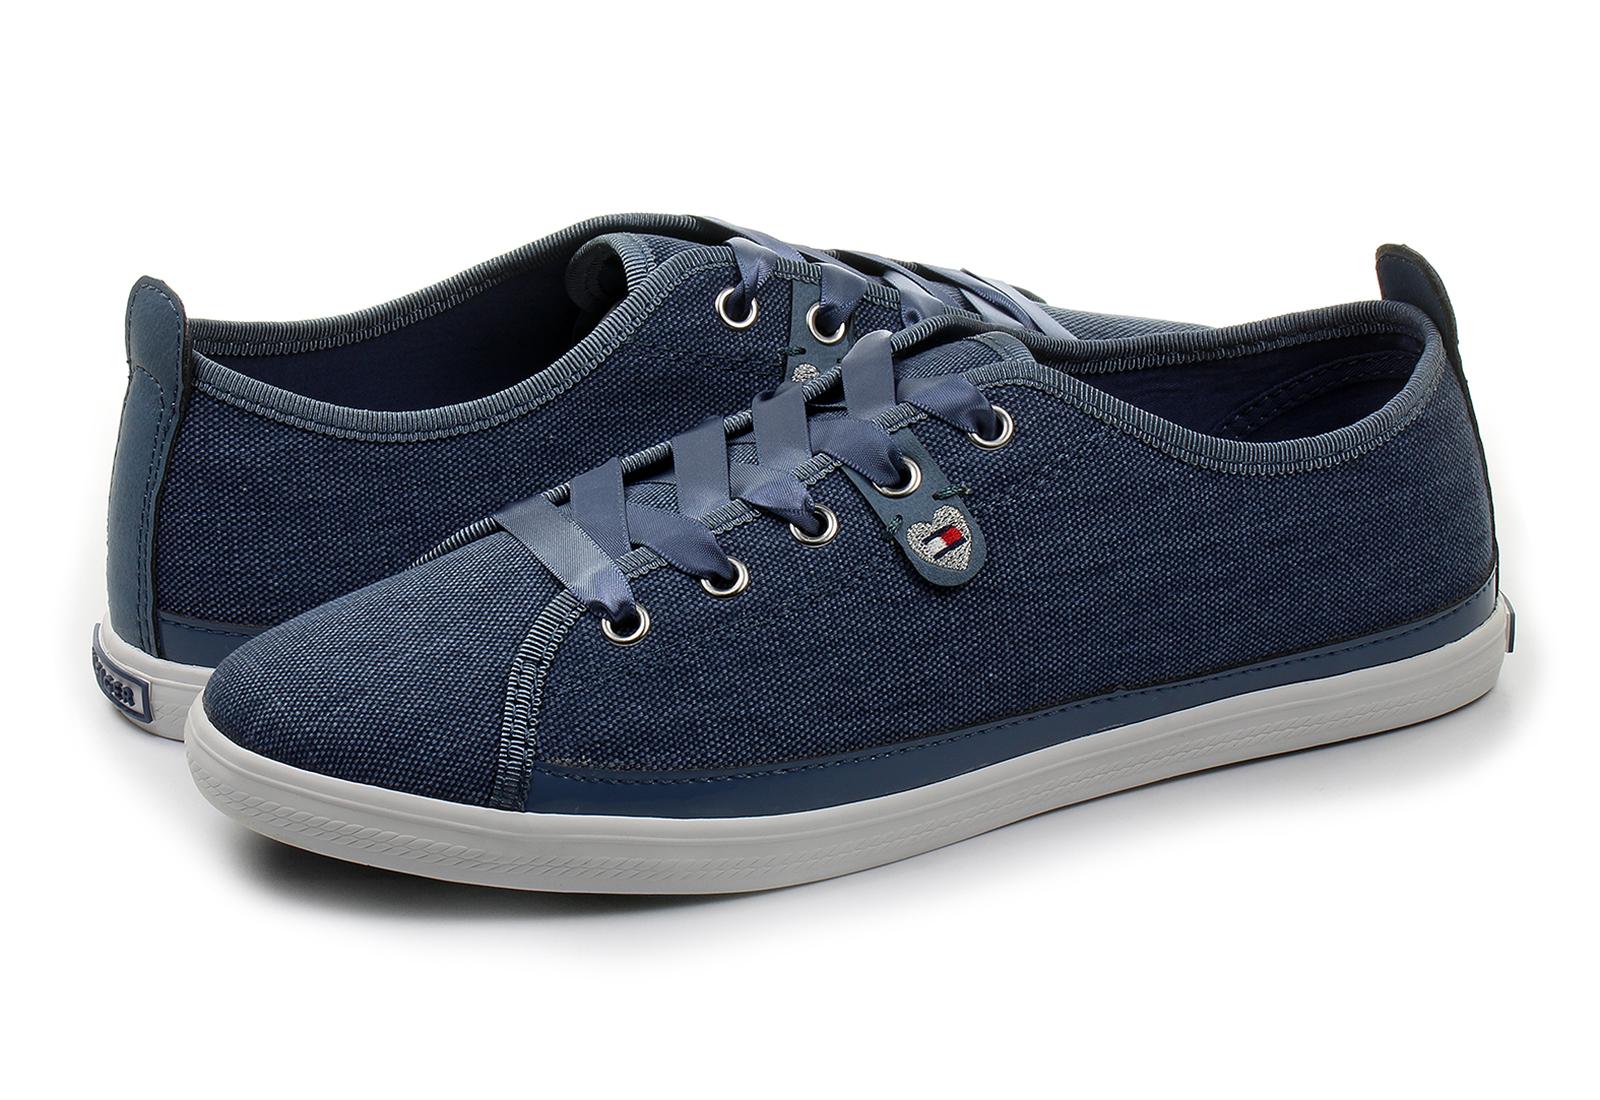 f4c42efb2d1 Tommy Hilfiger Shoes - Keira Hg 1d1 - 17S-0392-013 - Online shop ...